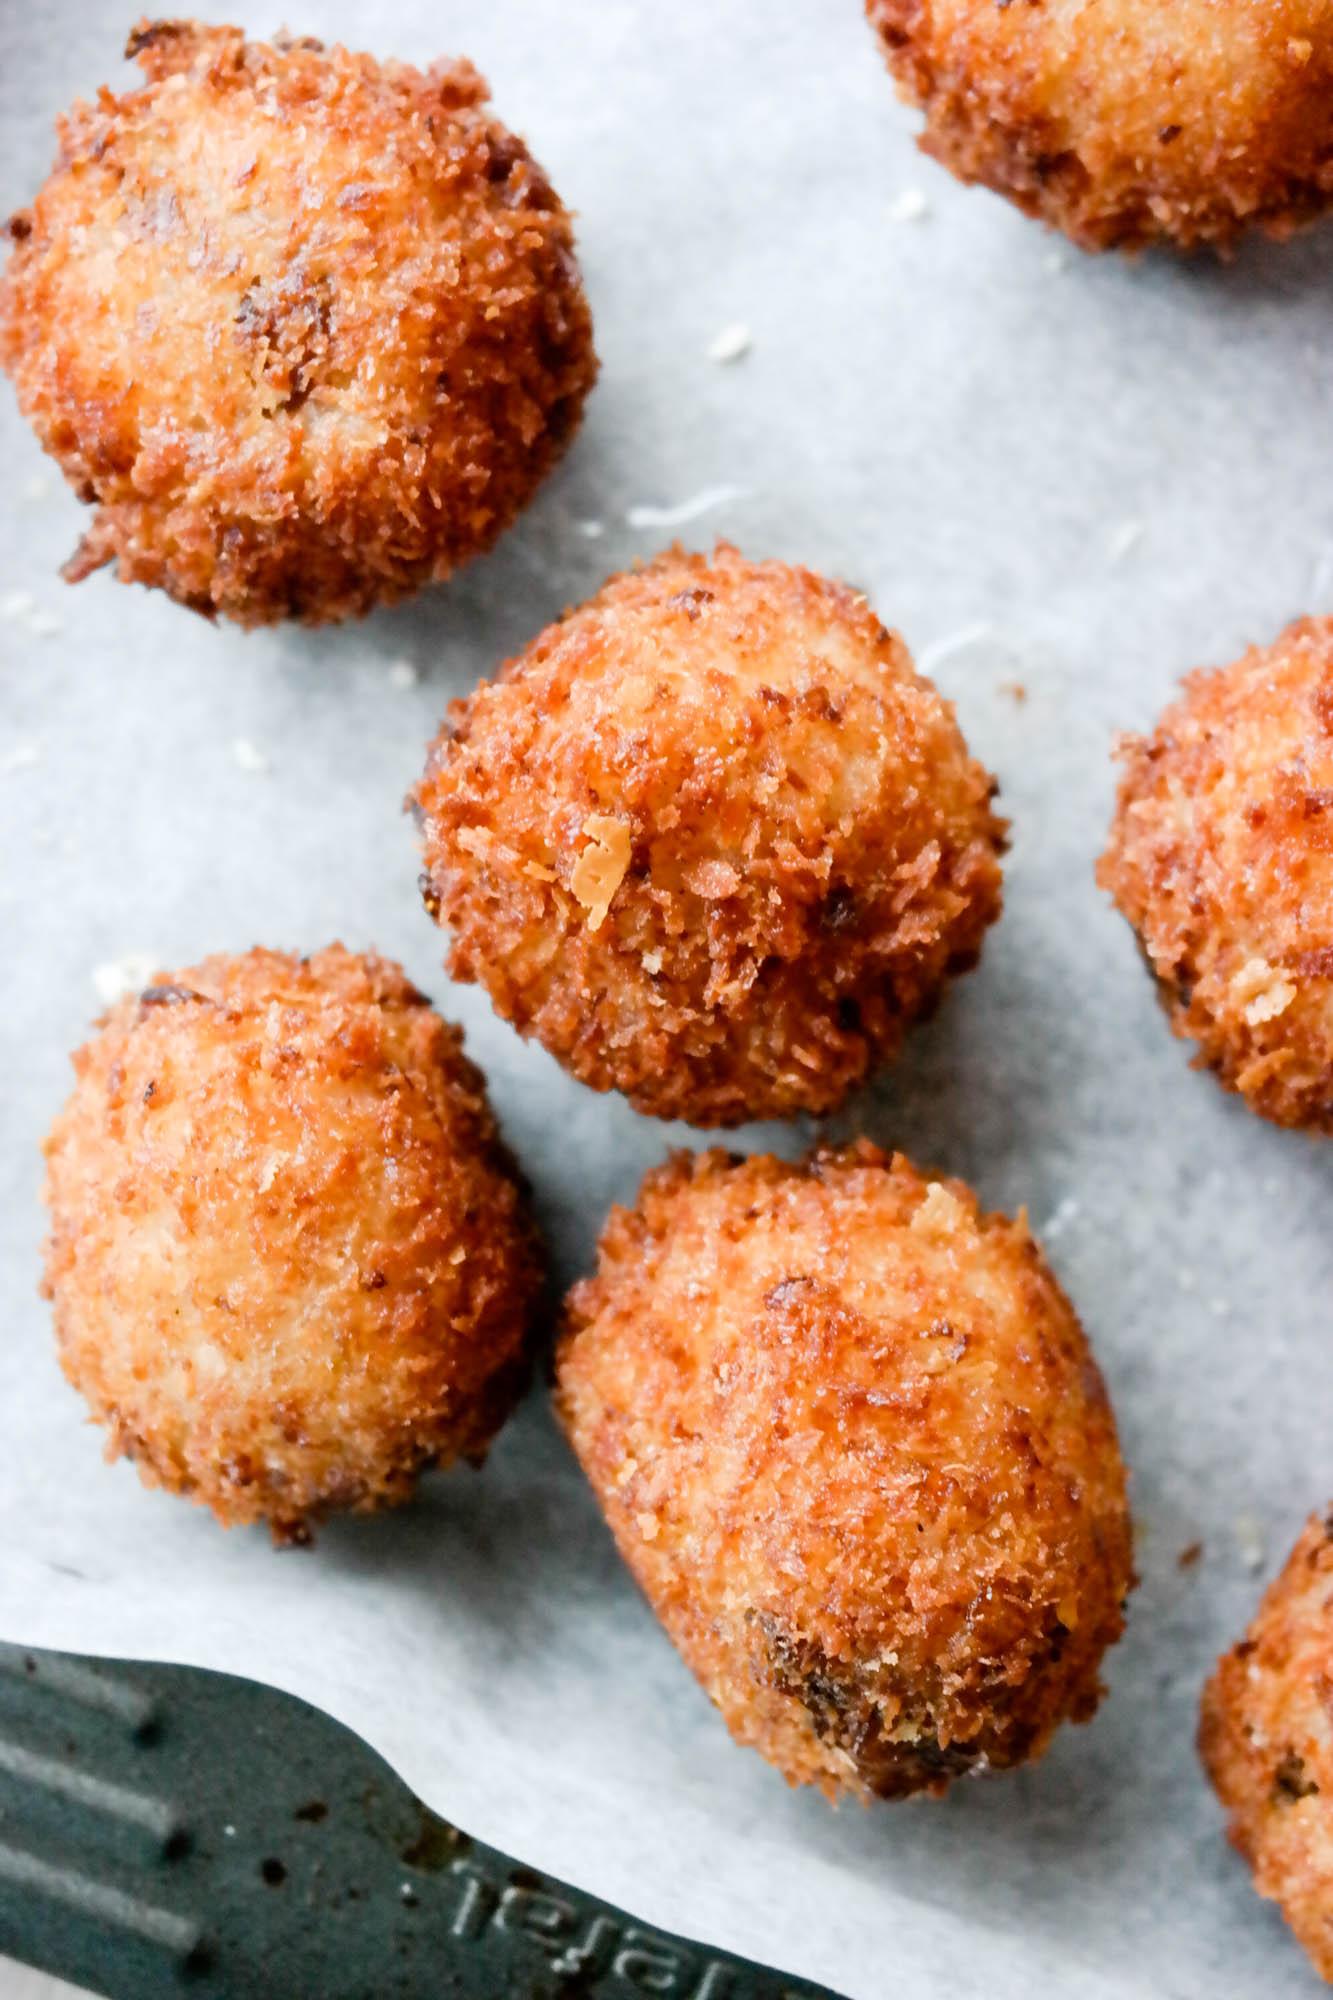 Her er en regel: Lag alltid dobbel mengde risotto, for arancini, friterte risottoboller, er verdens beste restemat!